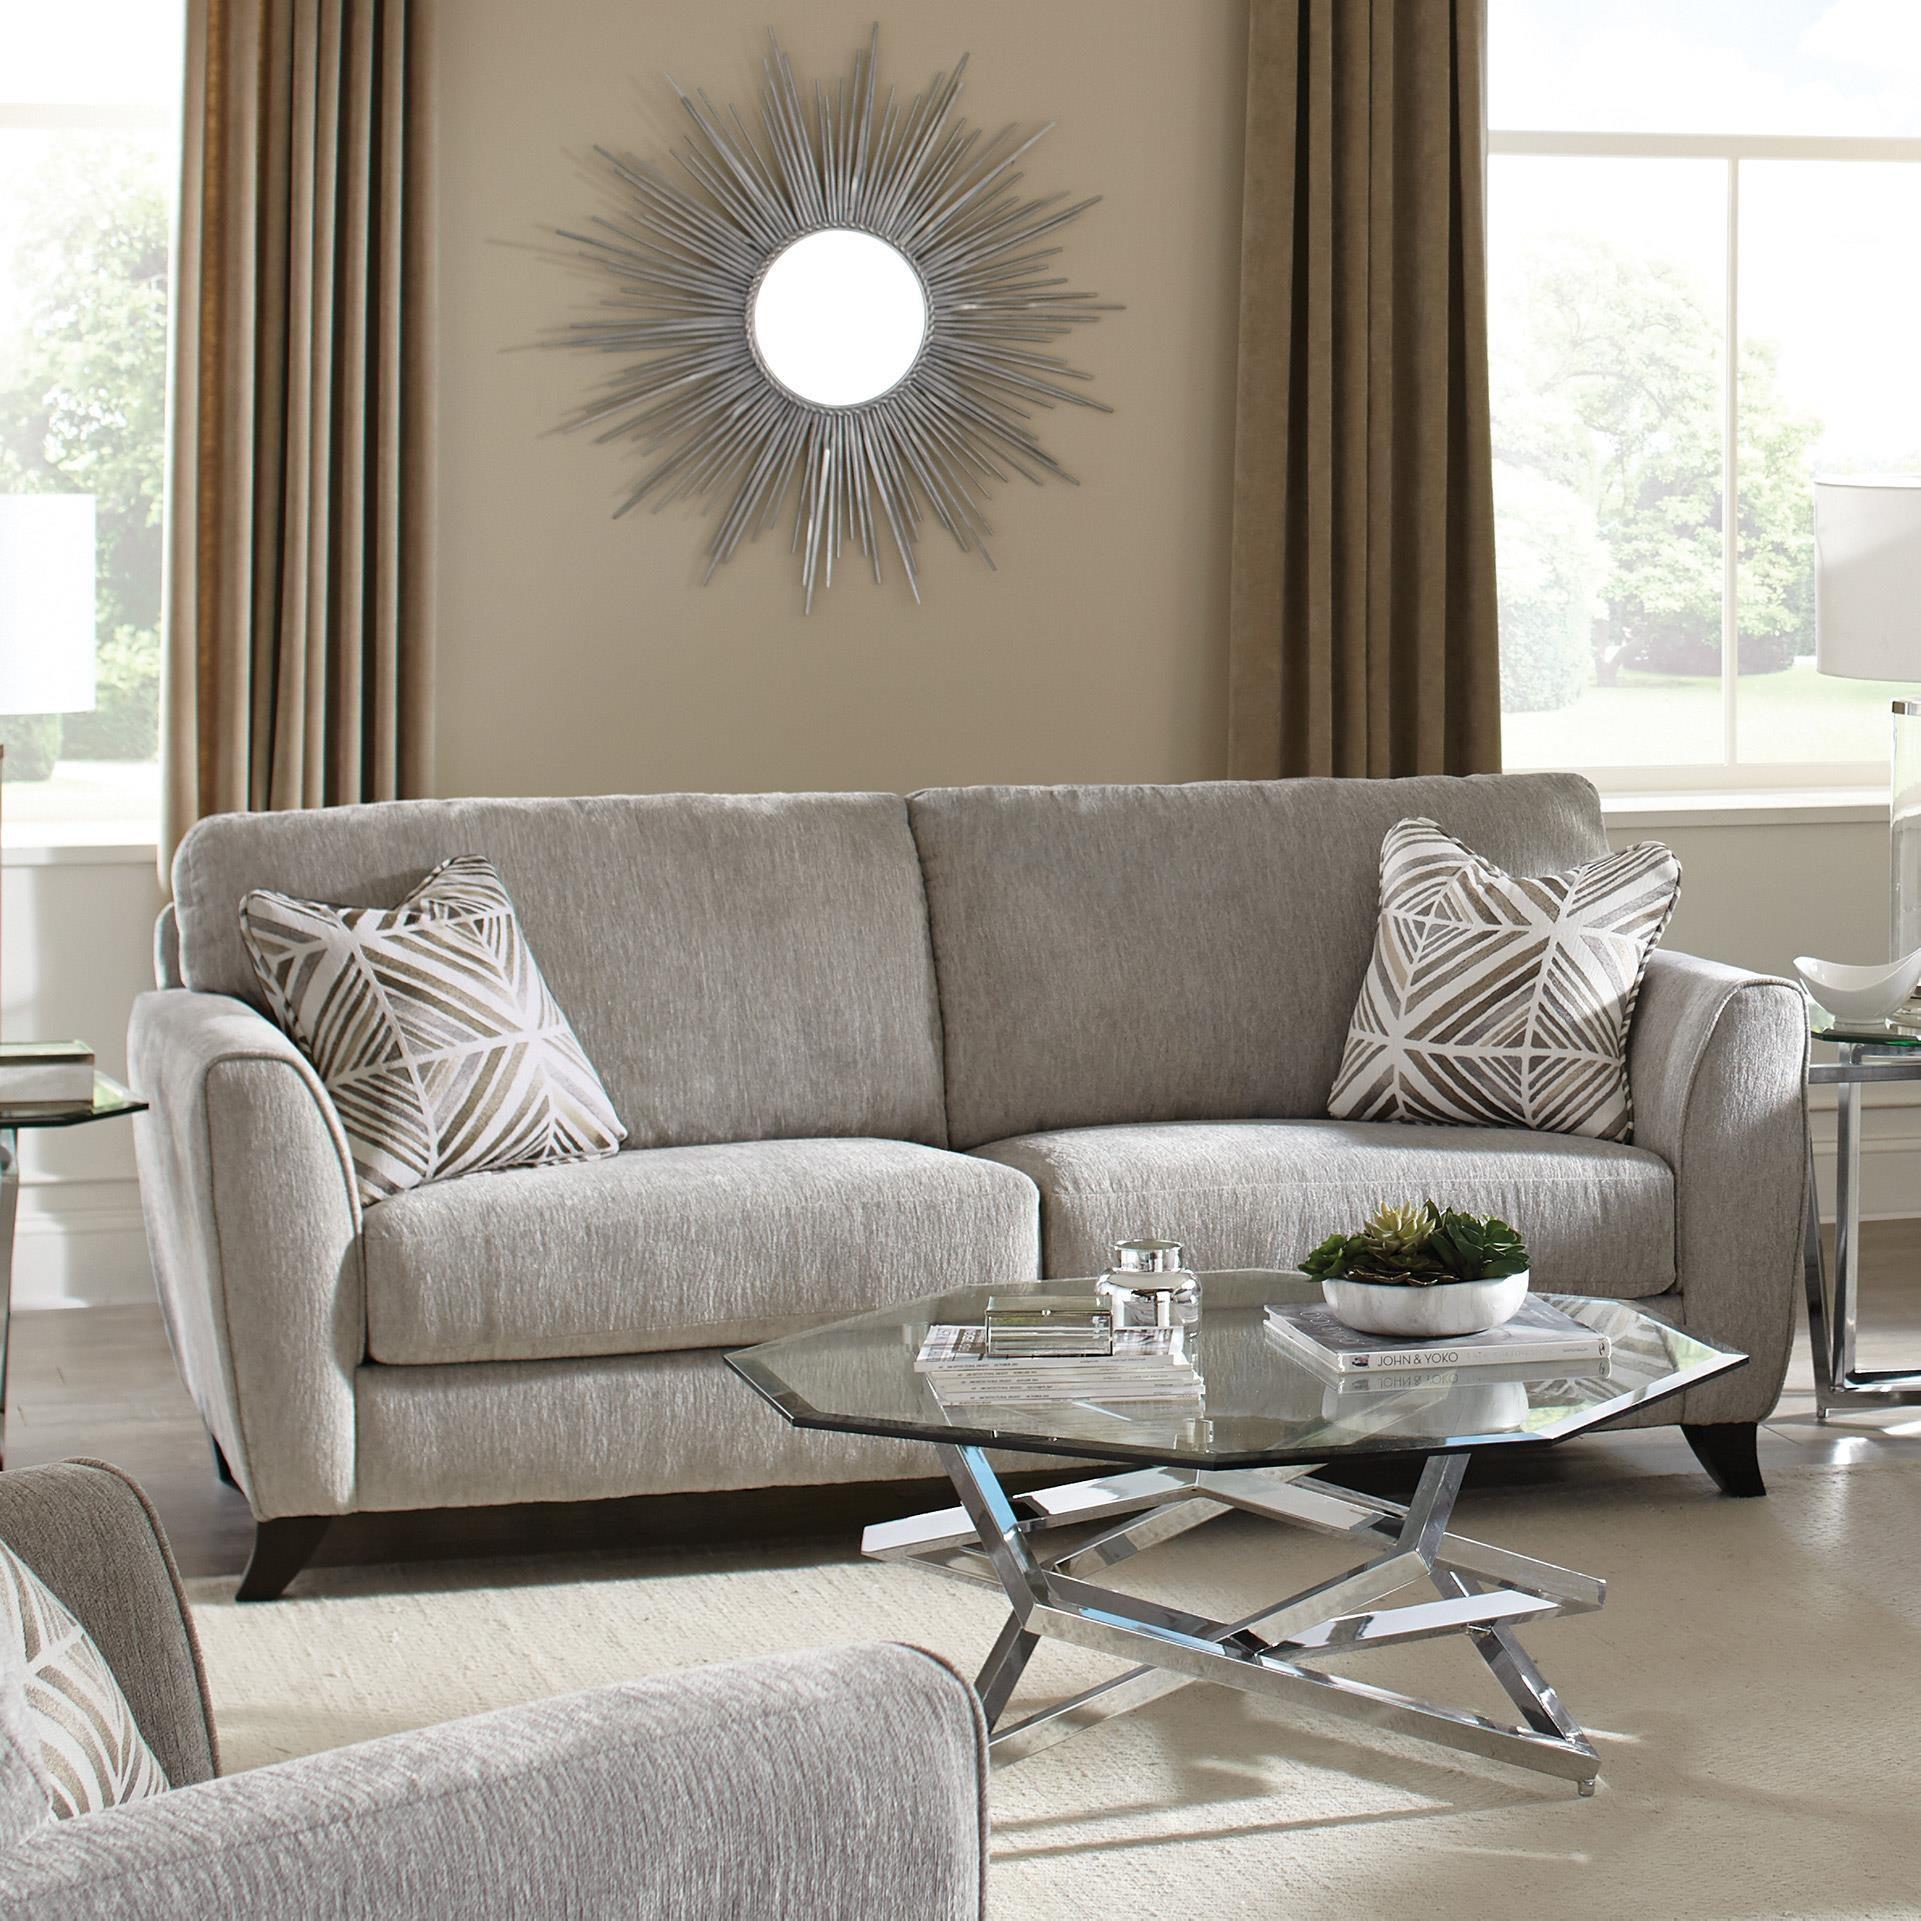 Jackson Furniture Alyssa Pebble Sofa - Item Number: 4215-03-2072-18-2073-28